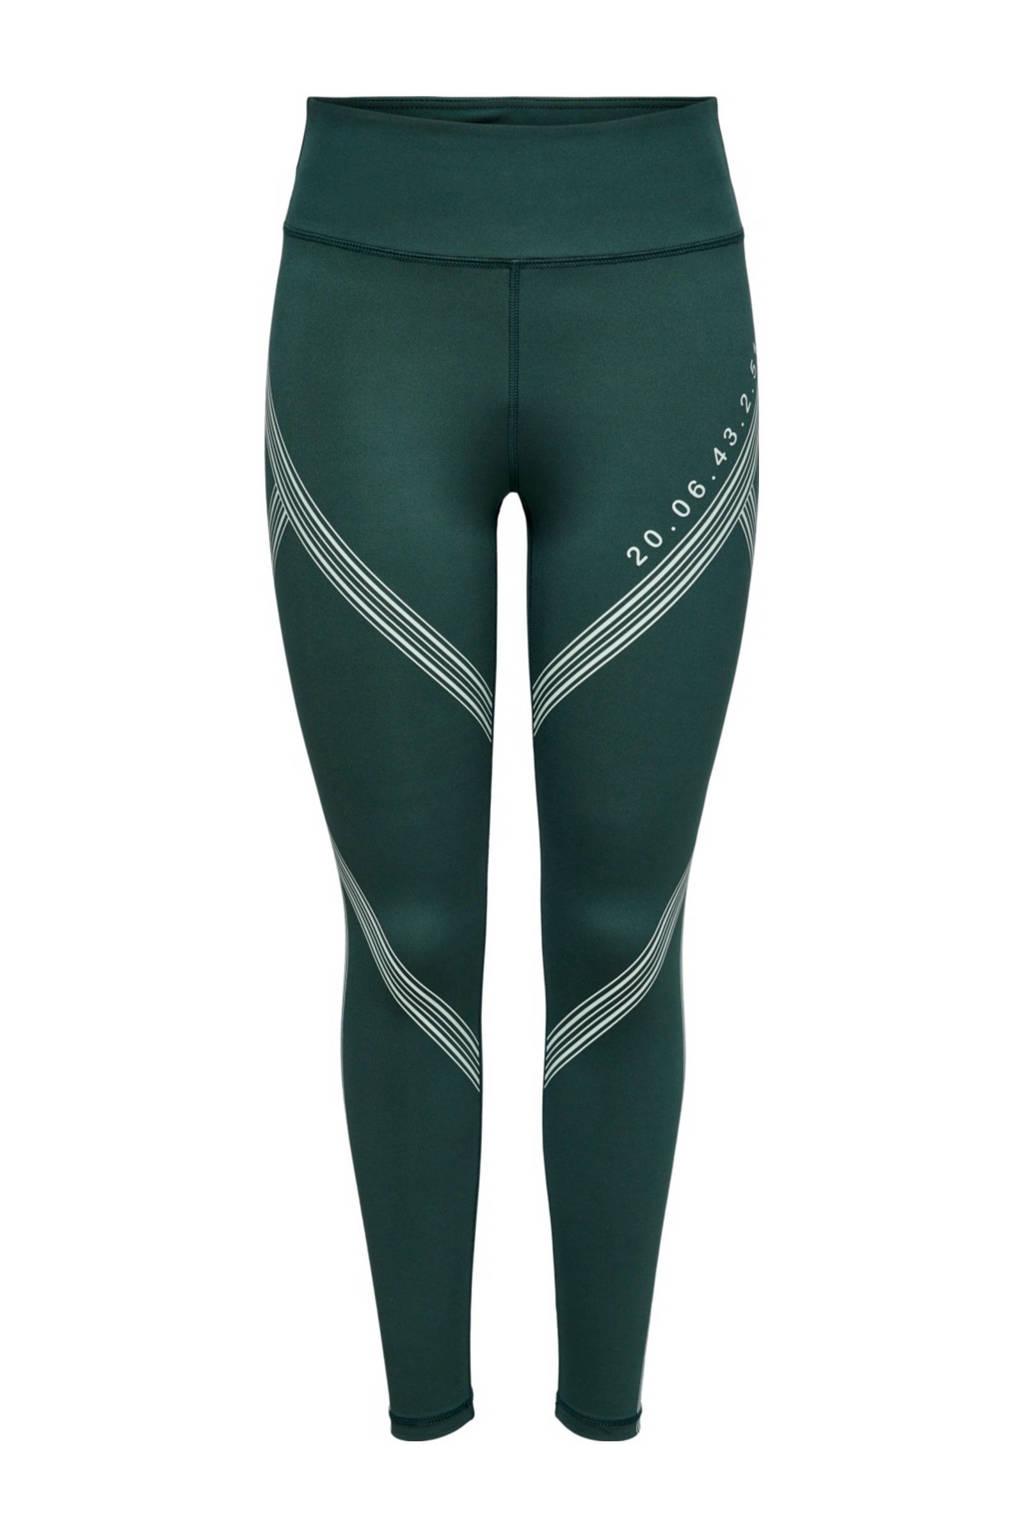 ONLY PLAY sportlegging ONPSHY groen/wit, Groen/wit